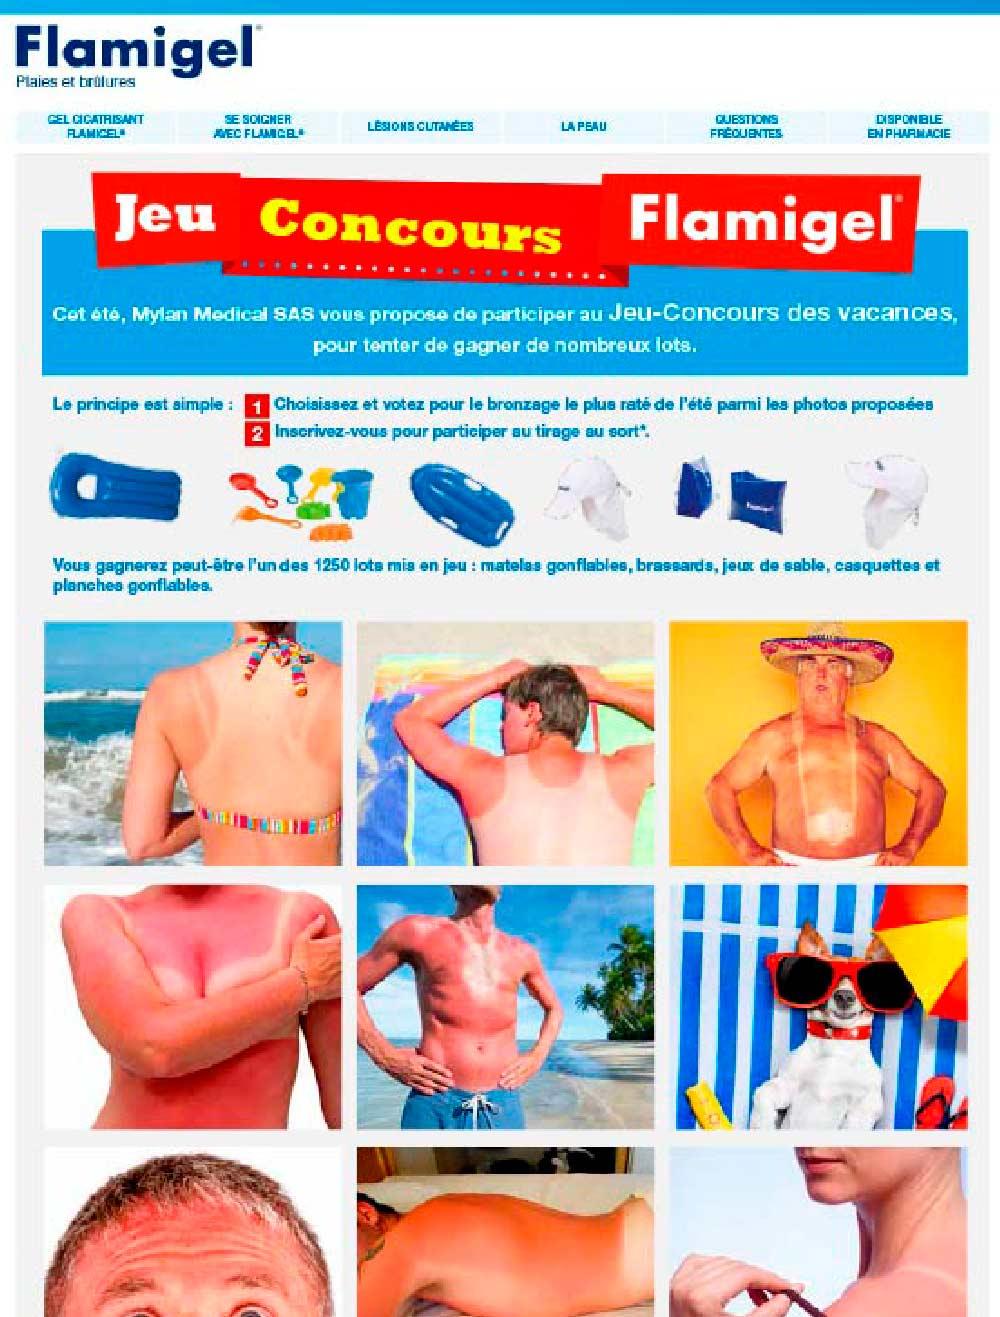 Maquette du jeu concours Flamigel